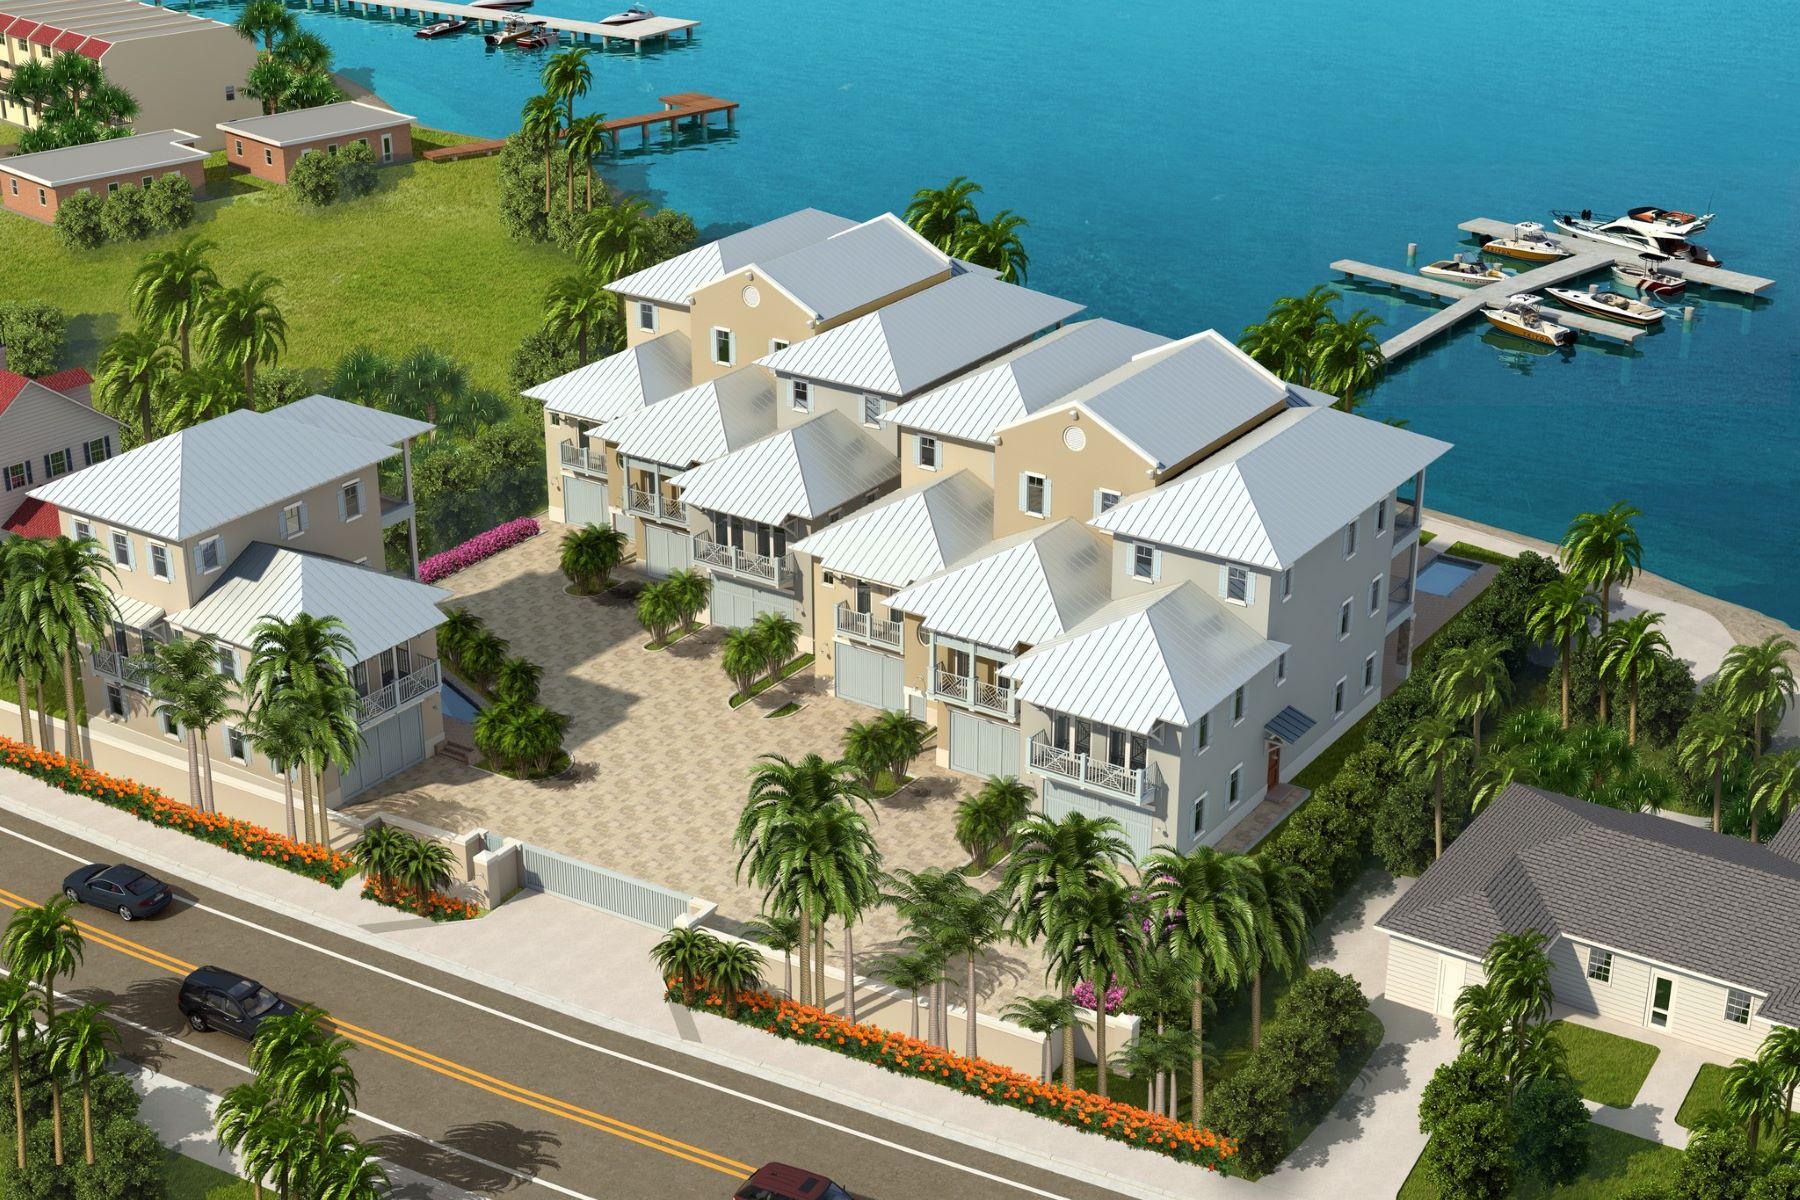 联栋屋 为 销售 在 Riverfront Ultra-luxury townhome 1502 Seaway Drive #1 哈钦森岛, 佛罗里达州, 34949 美国